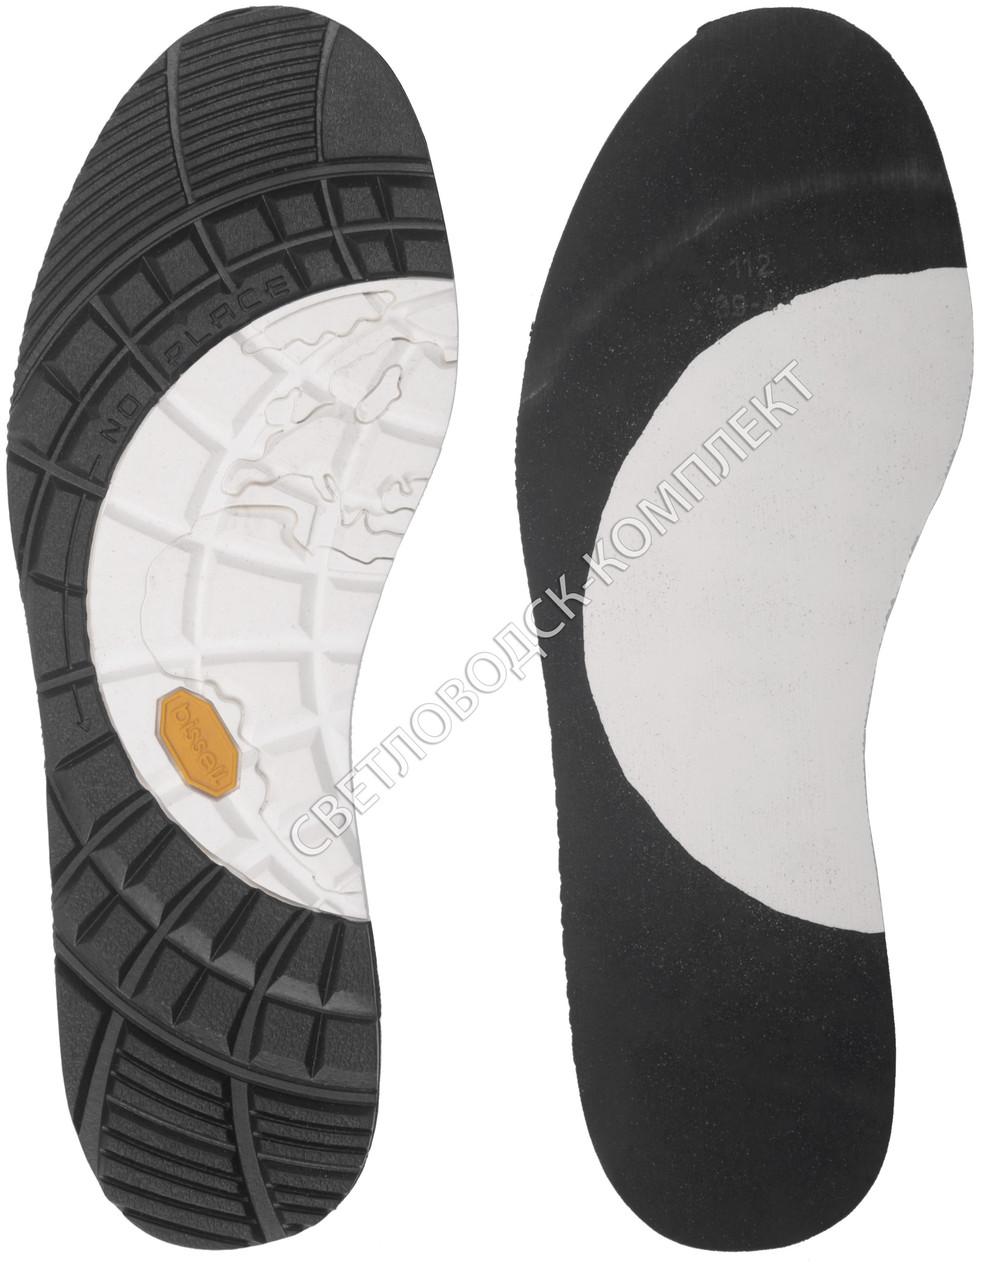 Резиновая подошва для обуви BISSELL, art.112, 40-44 р. - Светловодск-Комплект в Кировоградской области